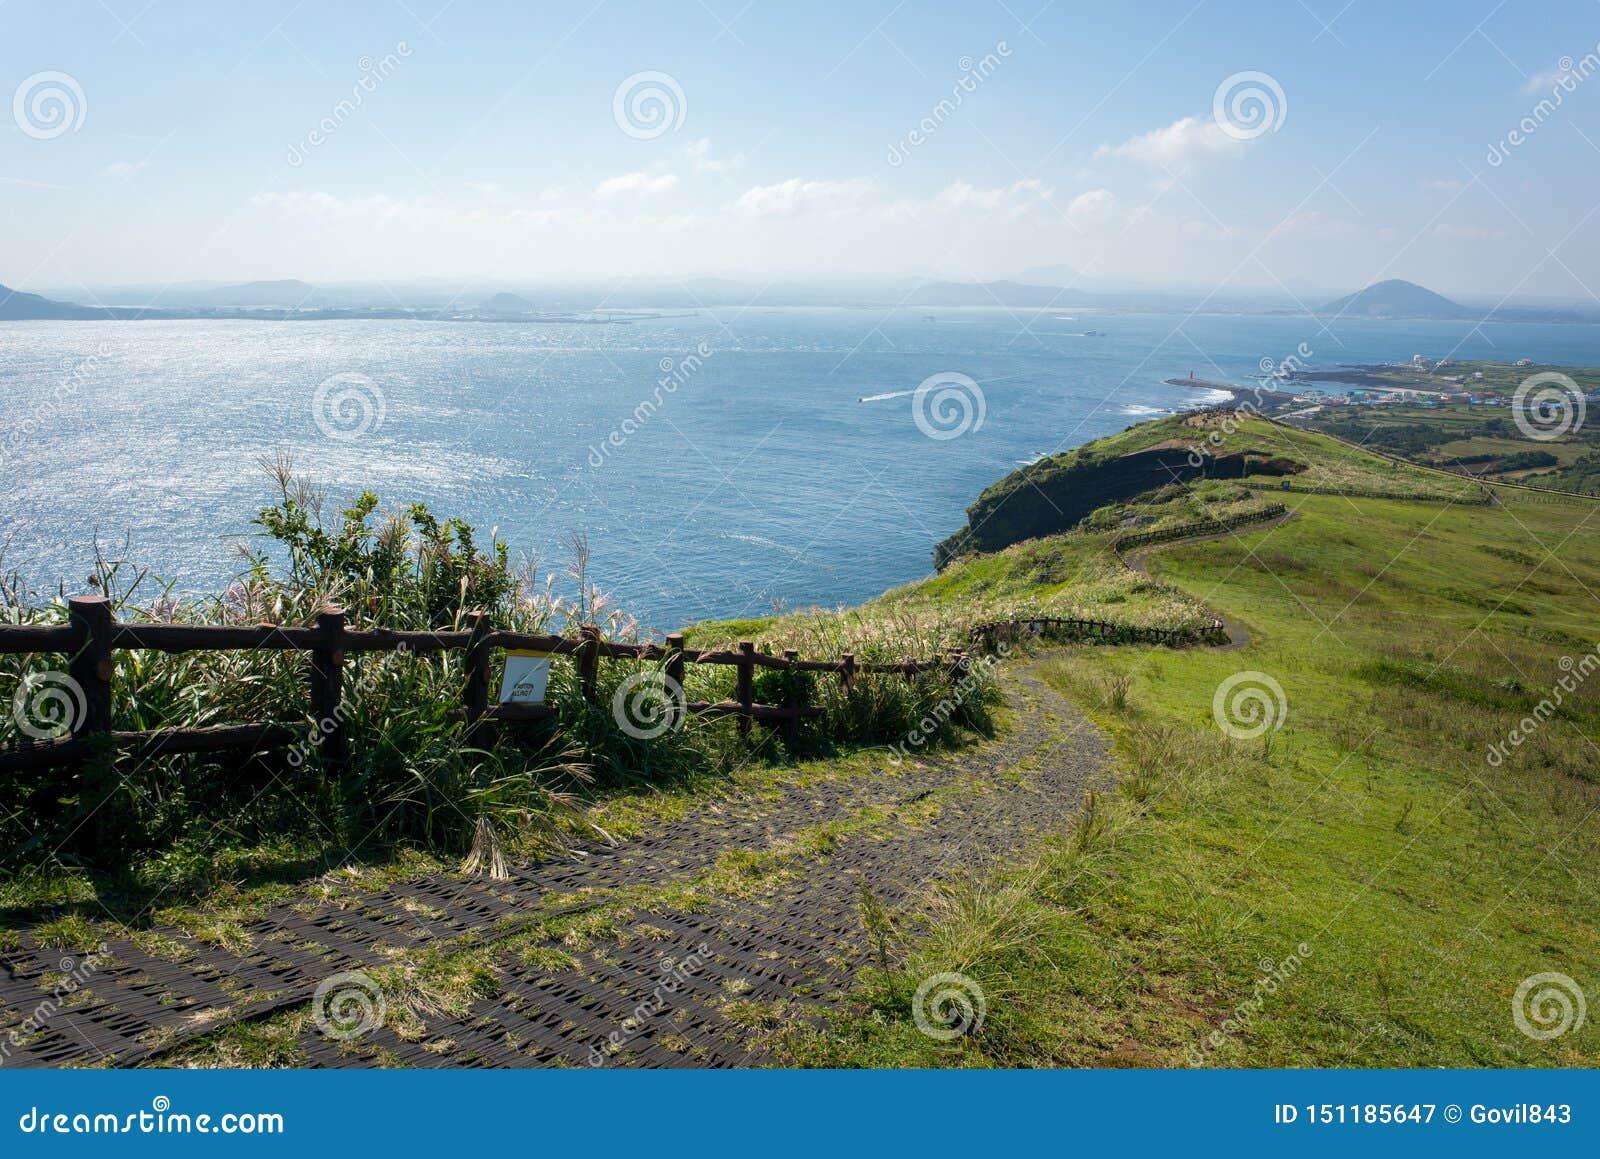 La vista del paesaggio dal picco di Udo-bong